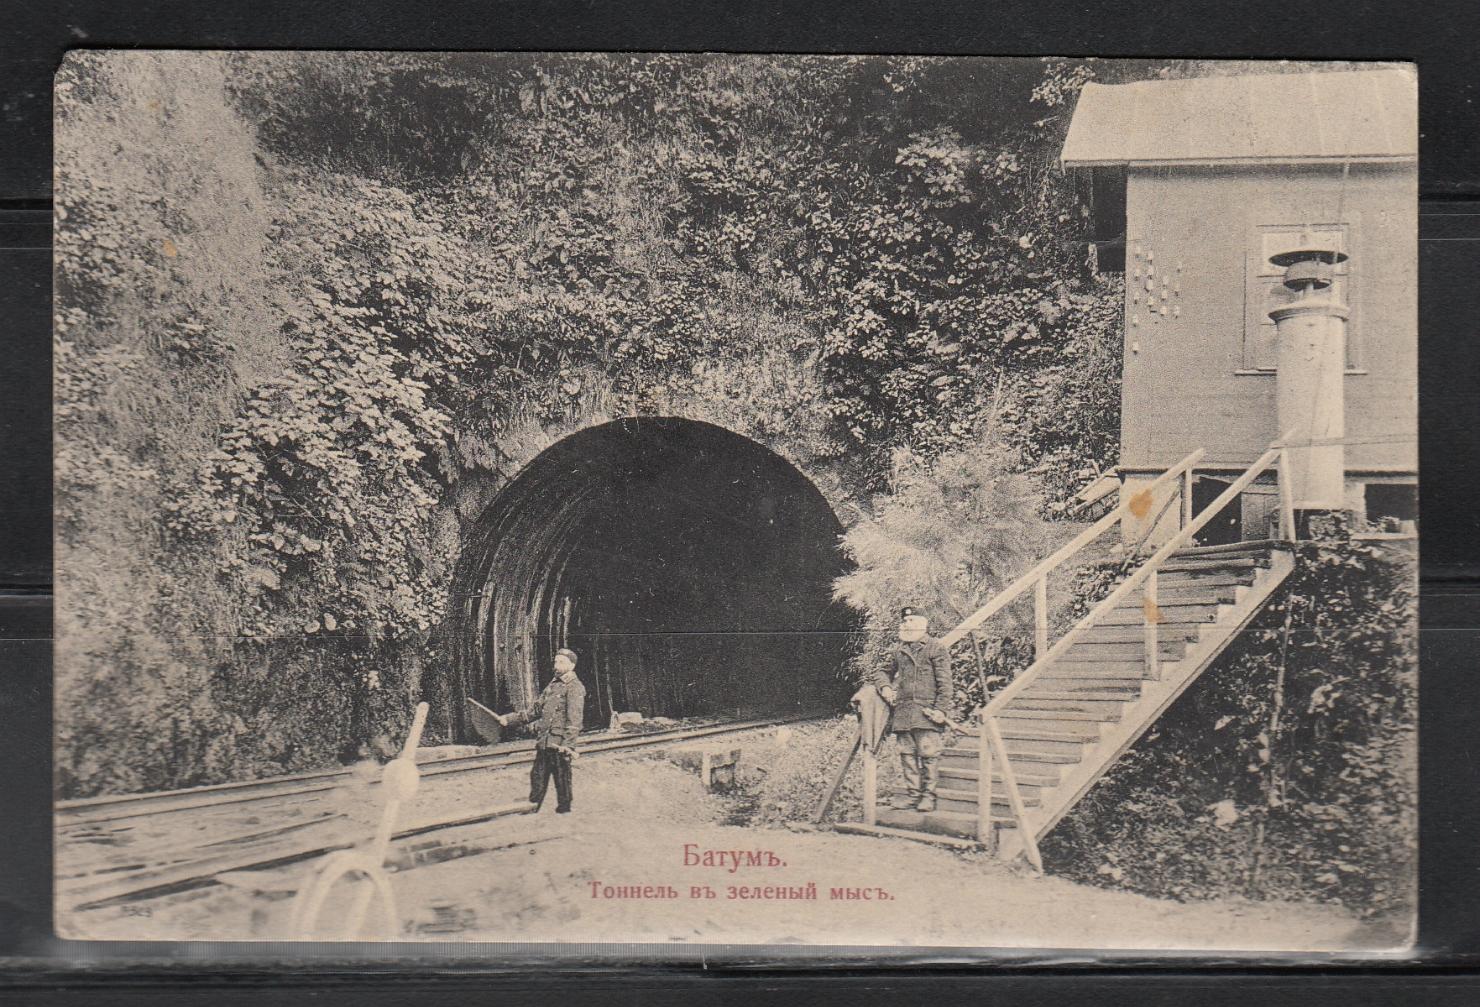 Зеленомысский тоннель